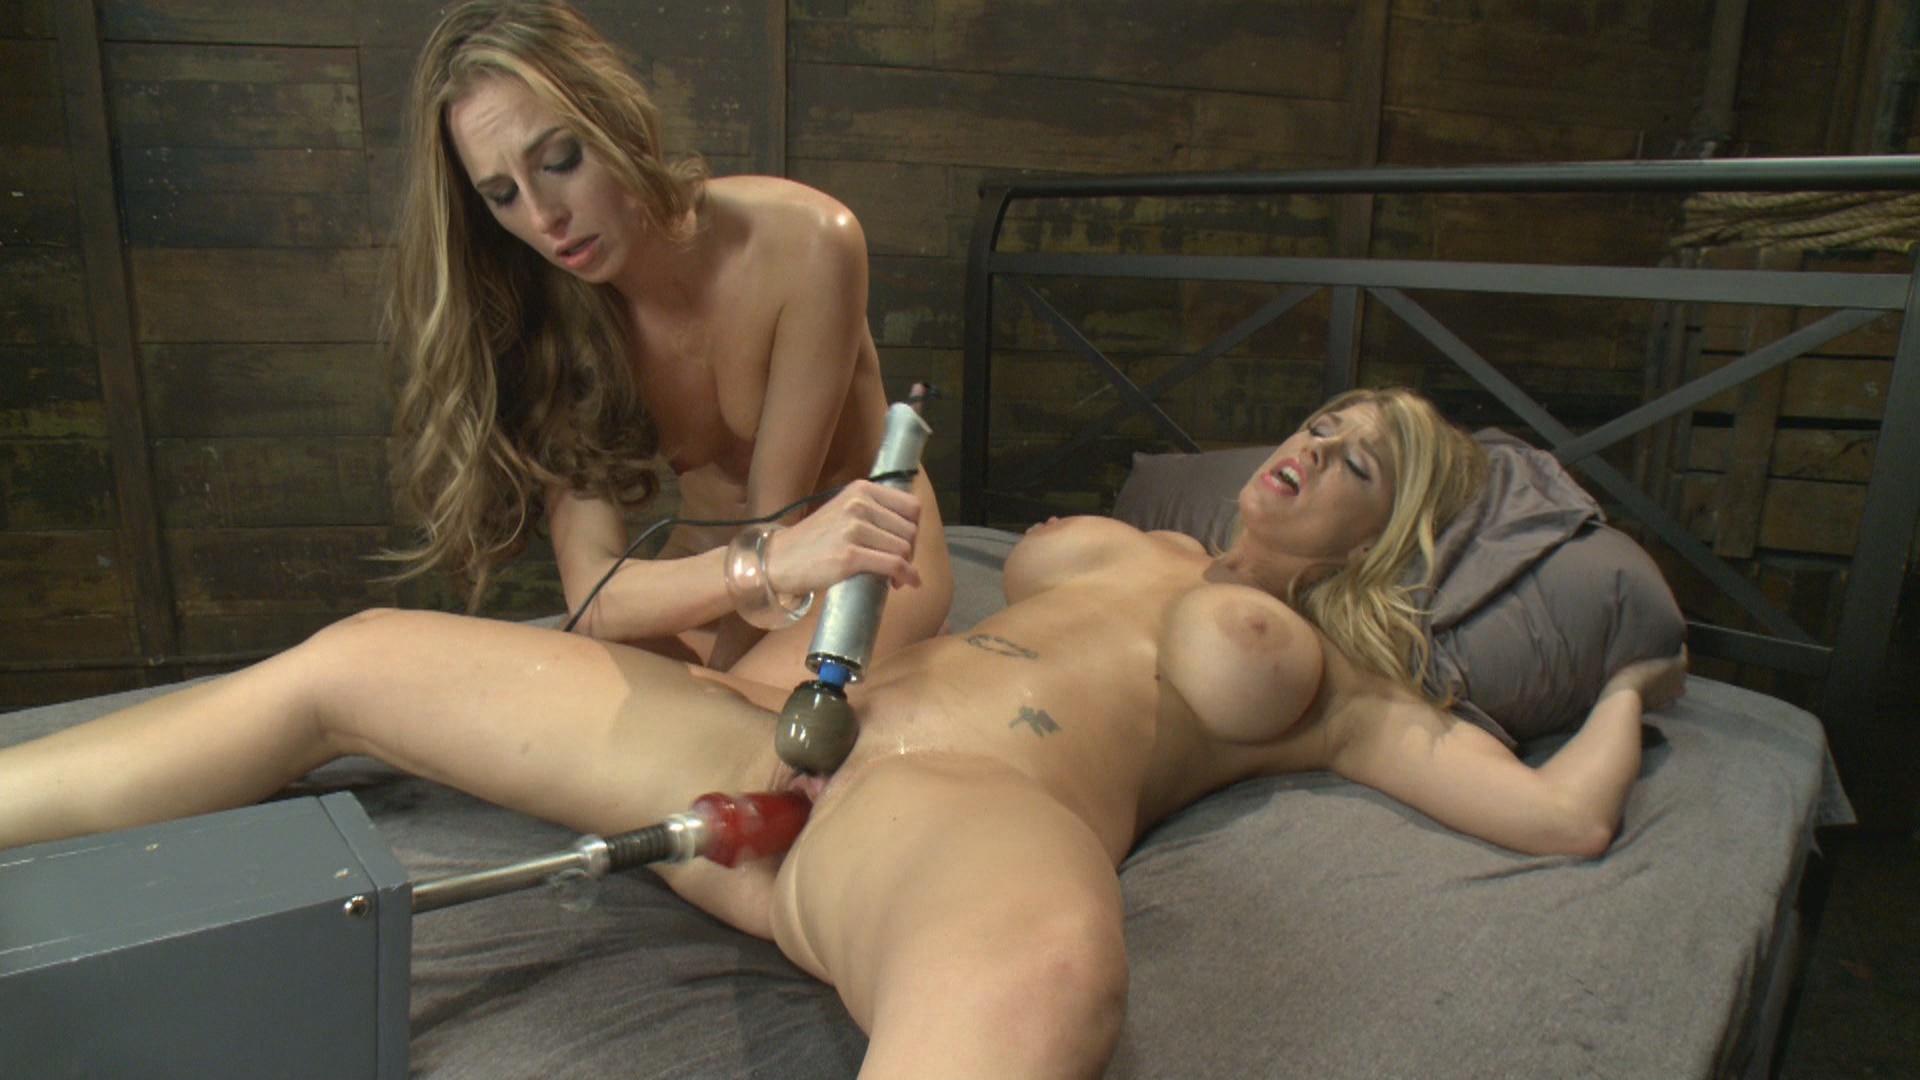 Hot servants porn pics gallery